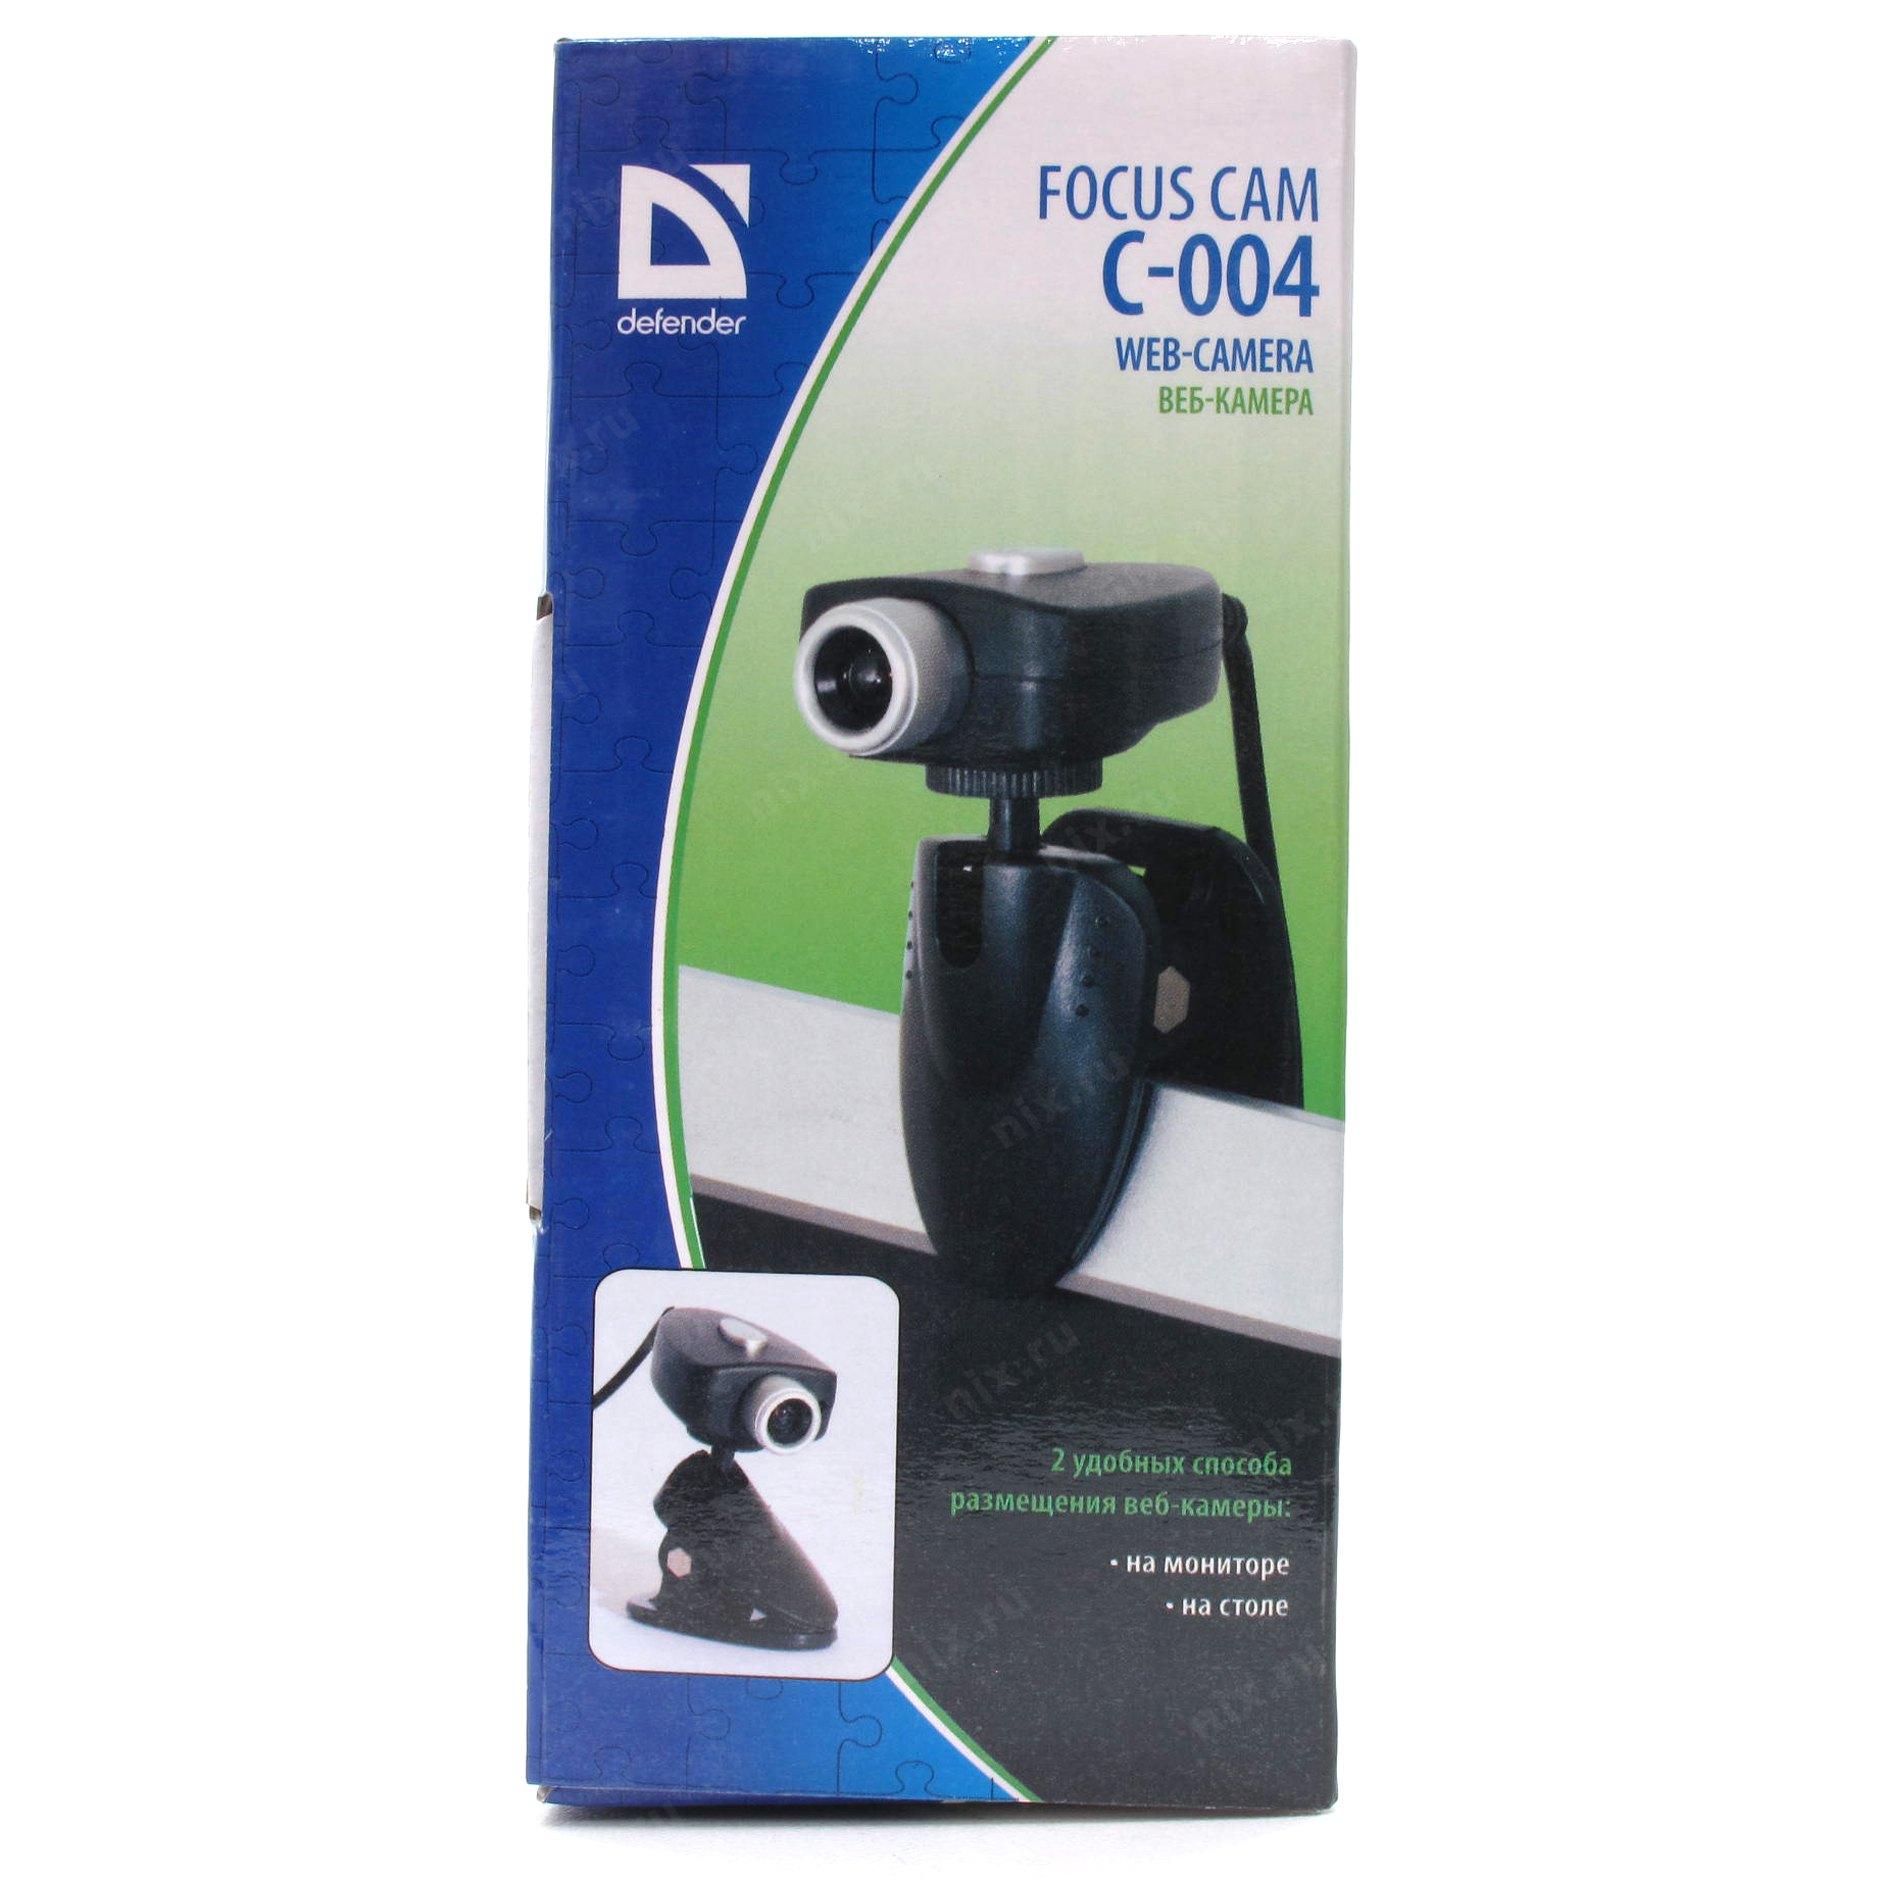 драйвер для веб-камера defender с-004